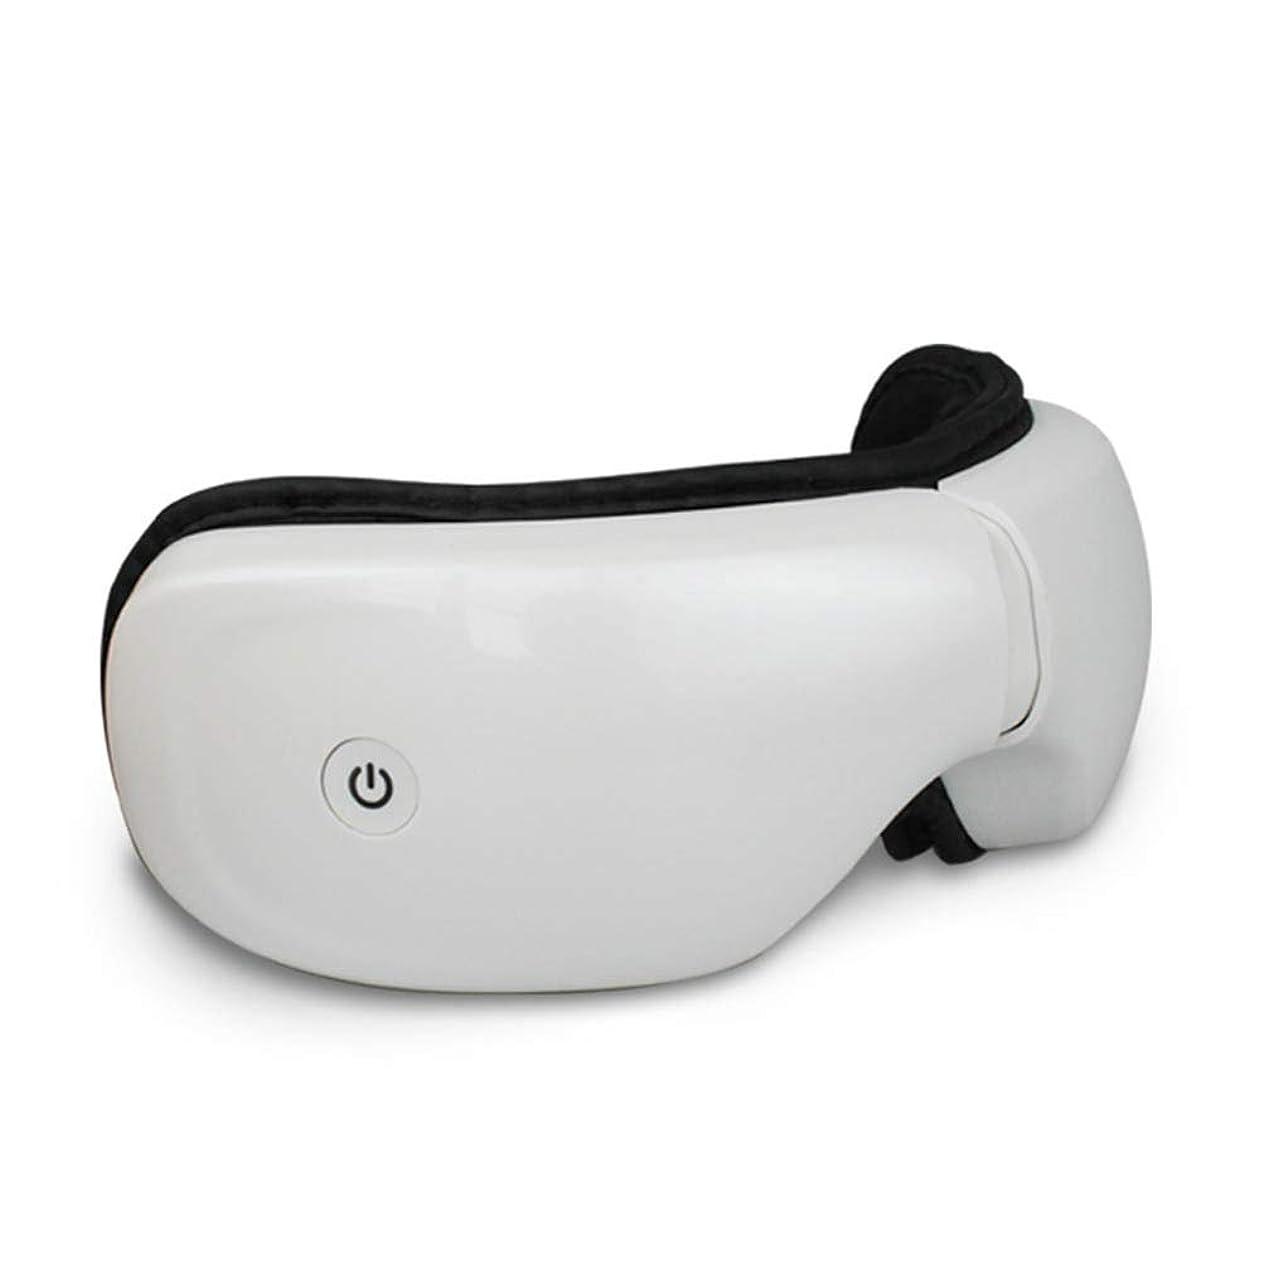 仲良し十代の若者たち序文ポータブル アイマッサージャー、5つのマッサージテクニック、恒温、目の疲労のためのアイケアマッサージャー インテリジェント